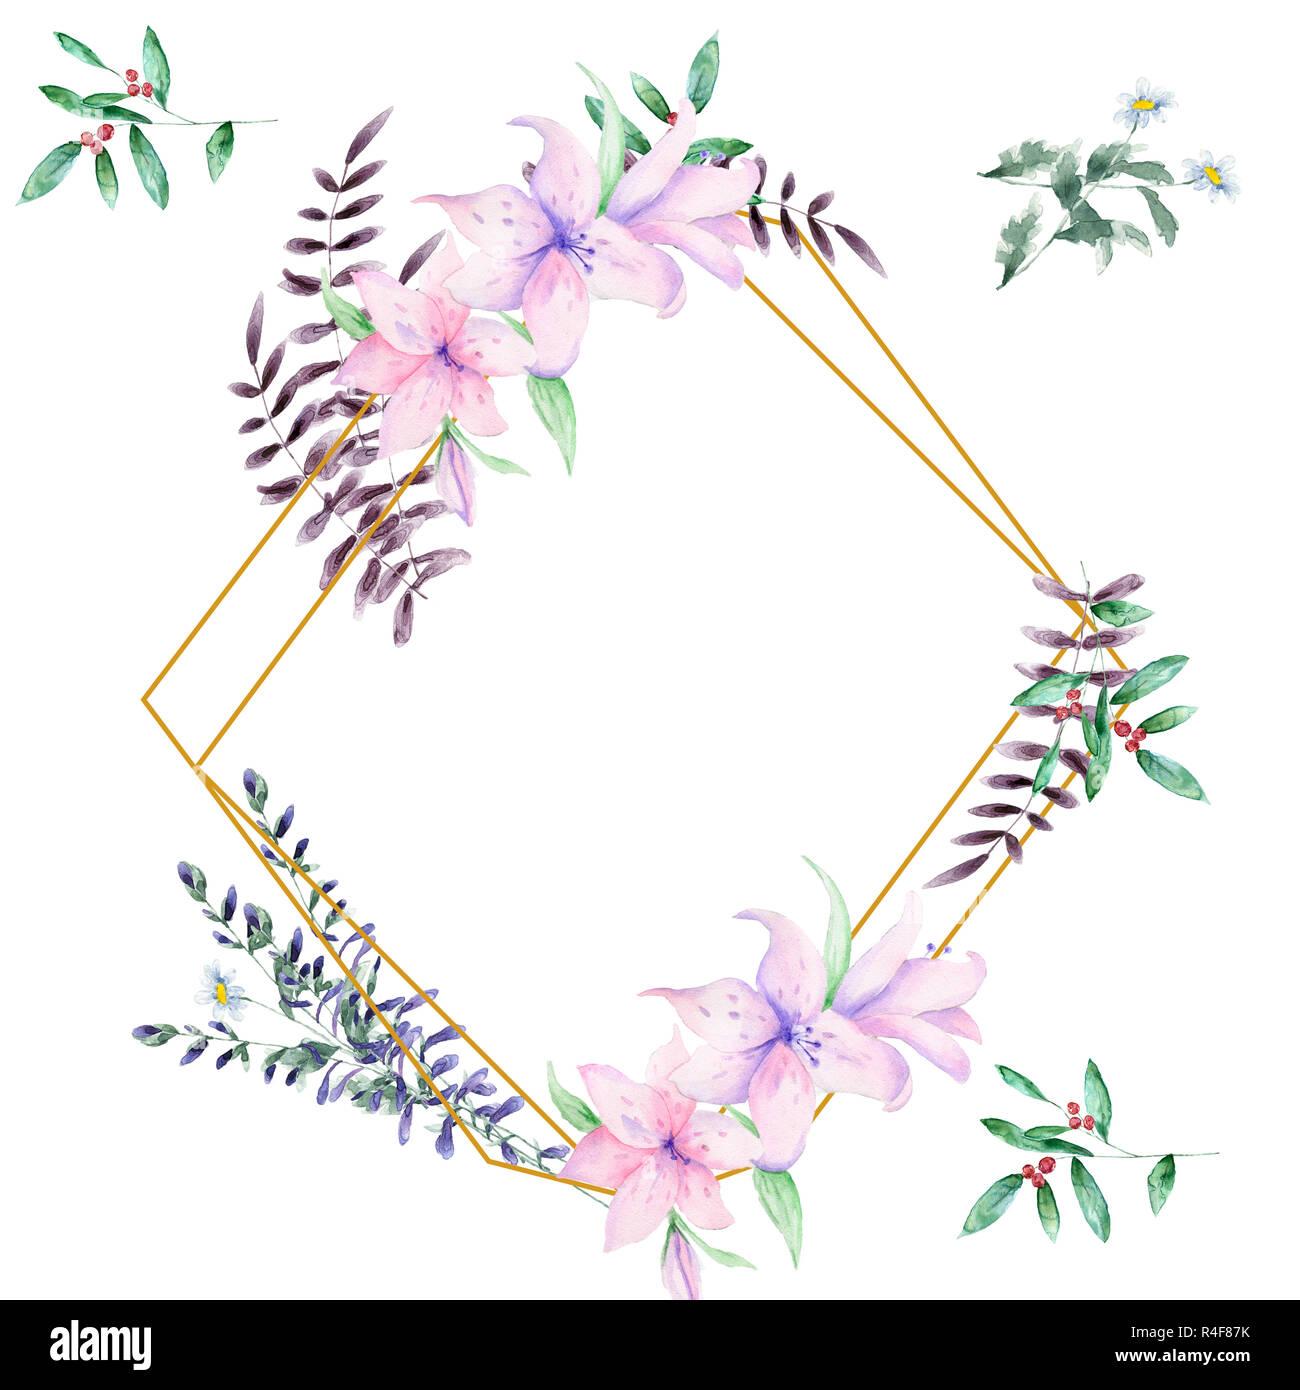 https www alamyimages fr invitation de mariage carte d olive inviter floral floral et geometrique magnolia cadre dore imprimer rectangle losange cadre arriere plan blanc image226529175 html